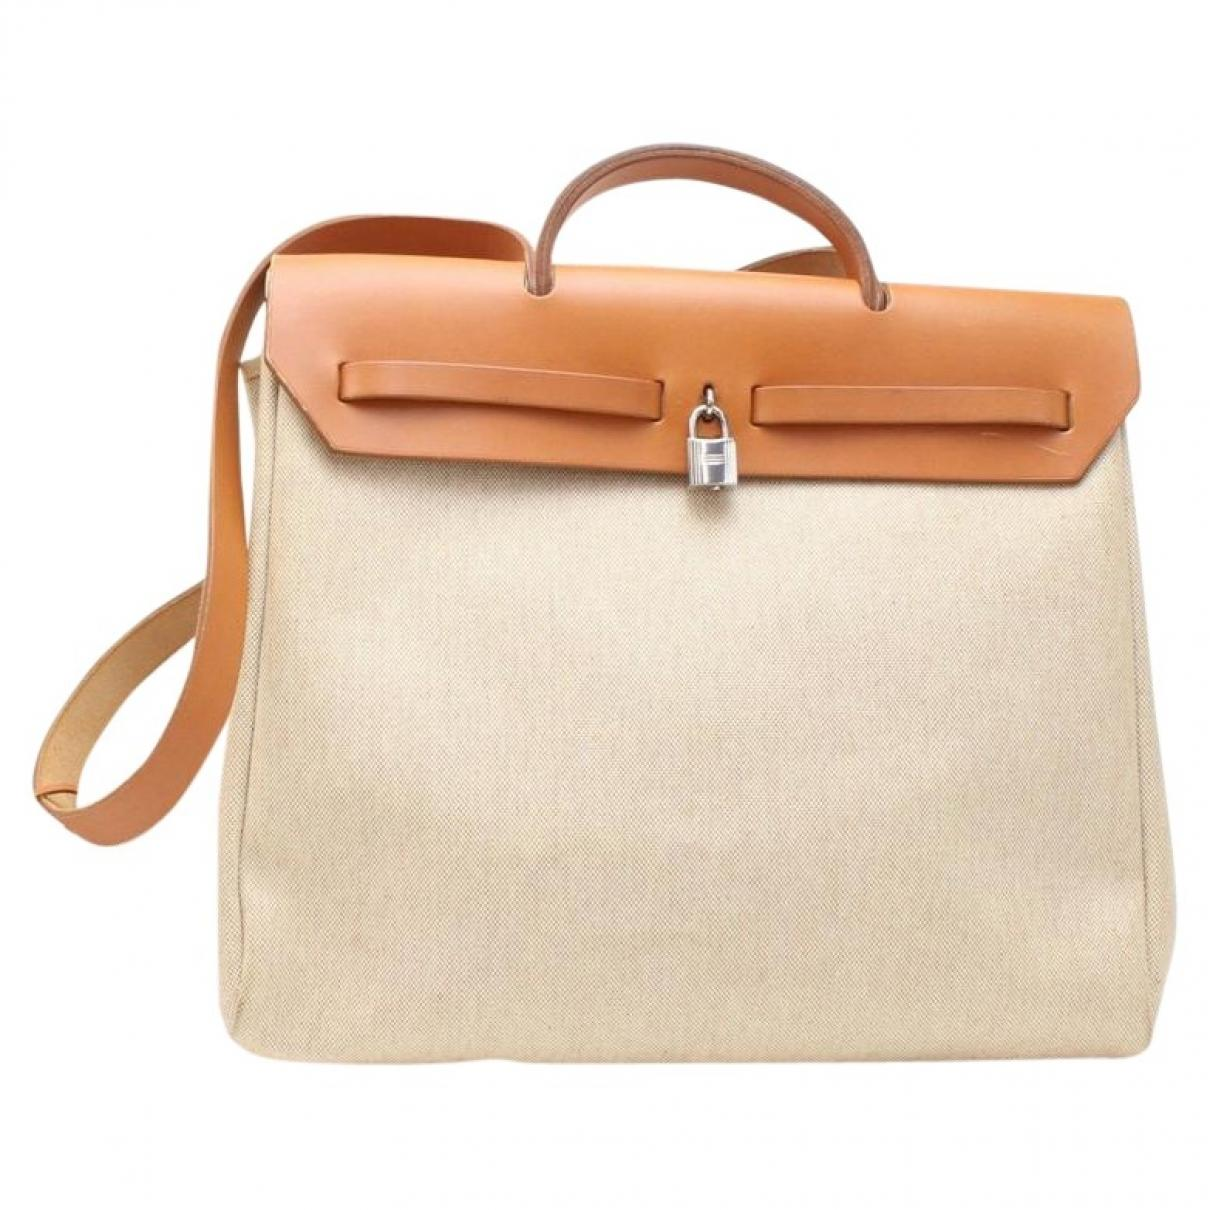 36620cc5 Damen Herbag Leinen Handtaschen in natur